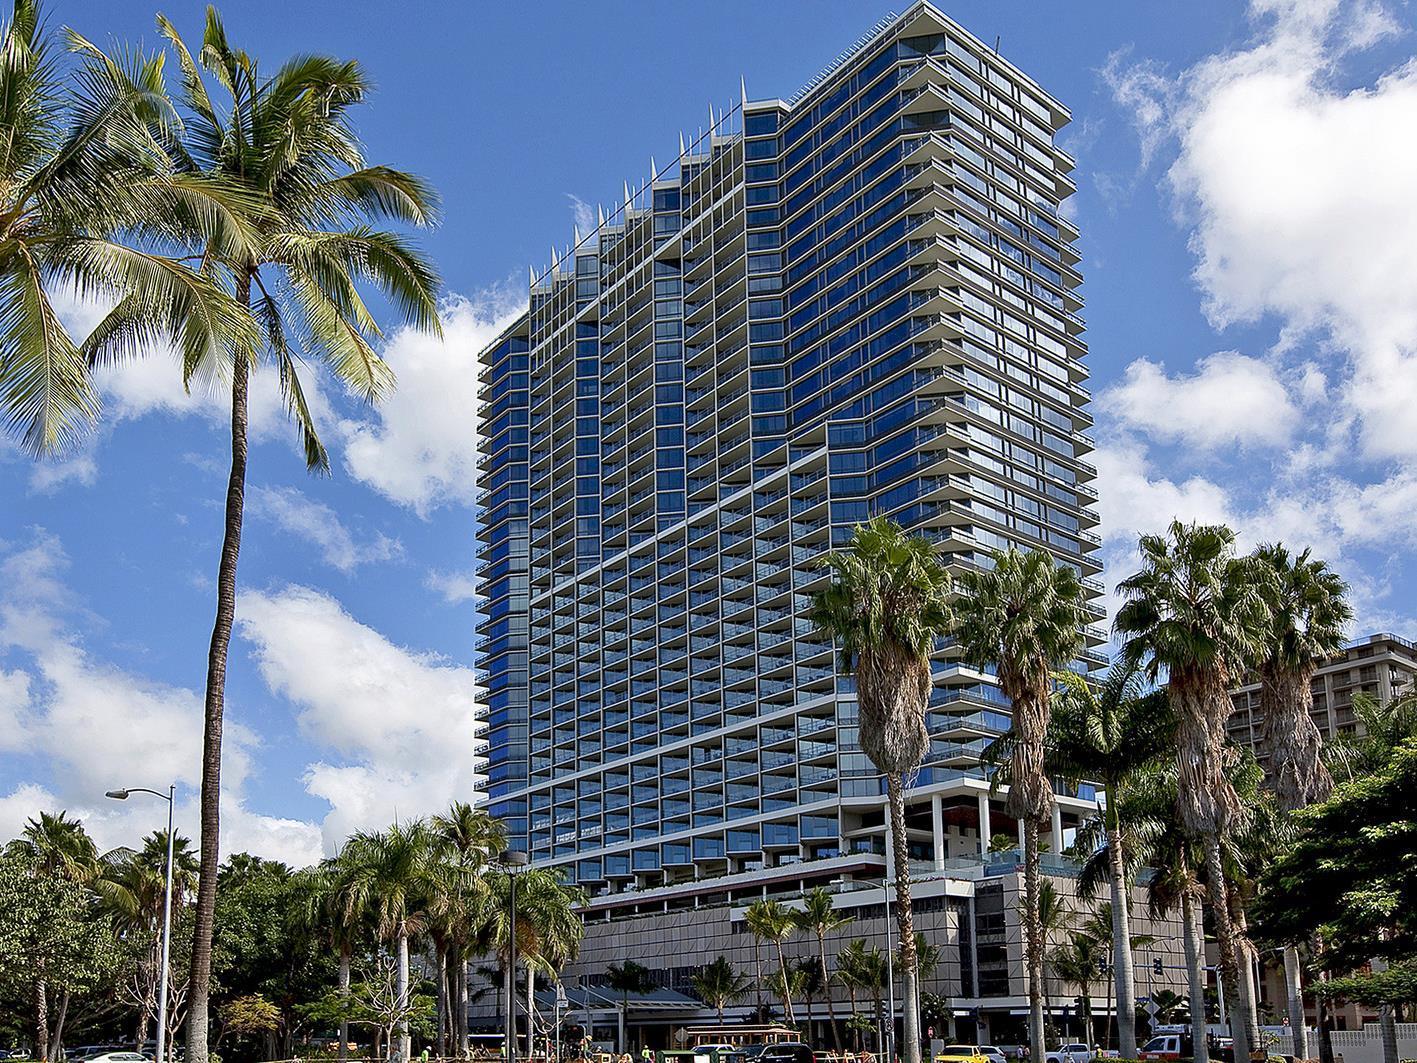 Trump Waikiki By Hawaii 5-0 Vacation Rentals - Oahu Hawaii